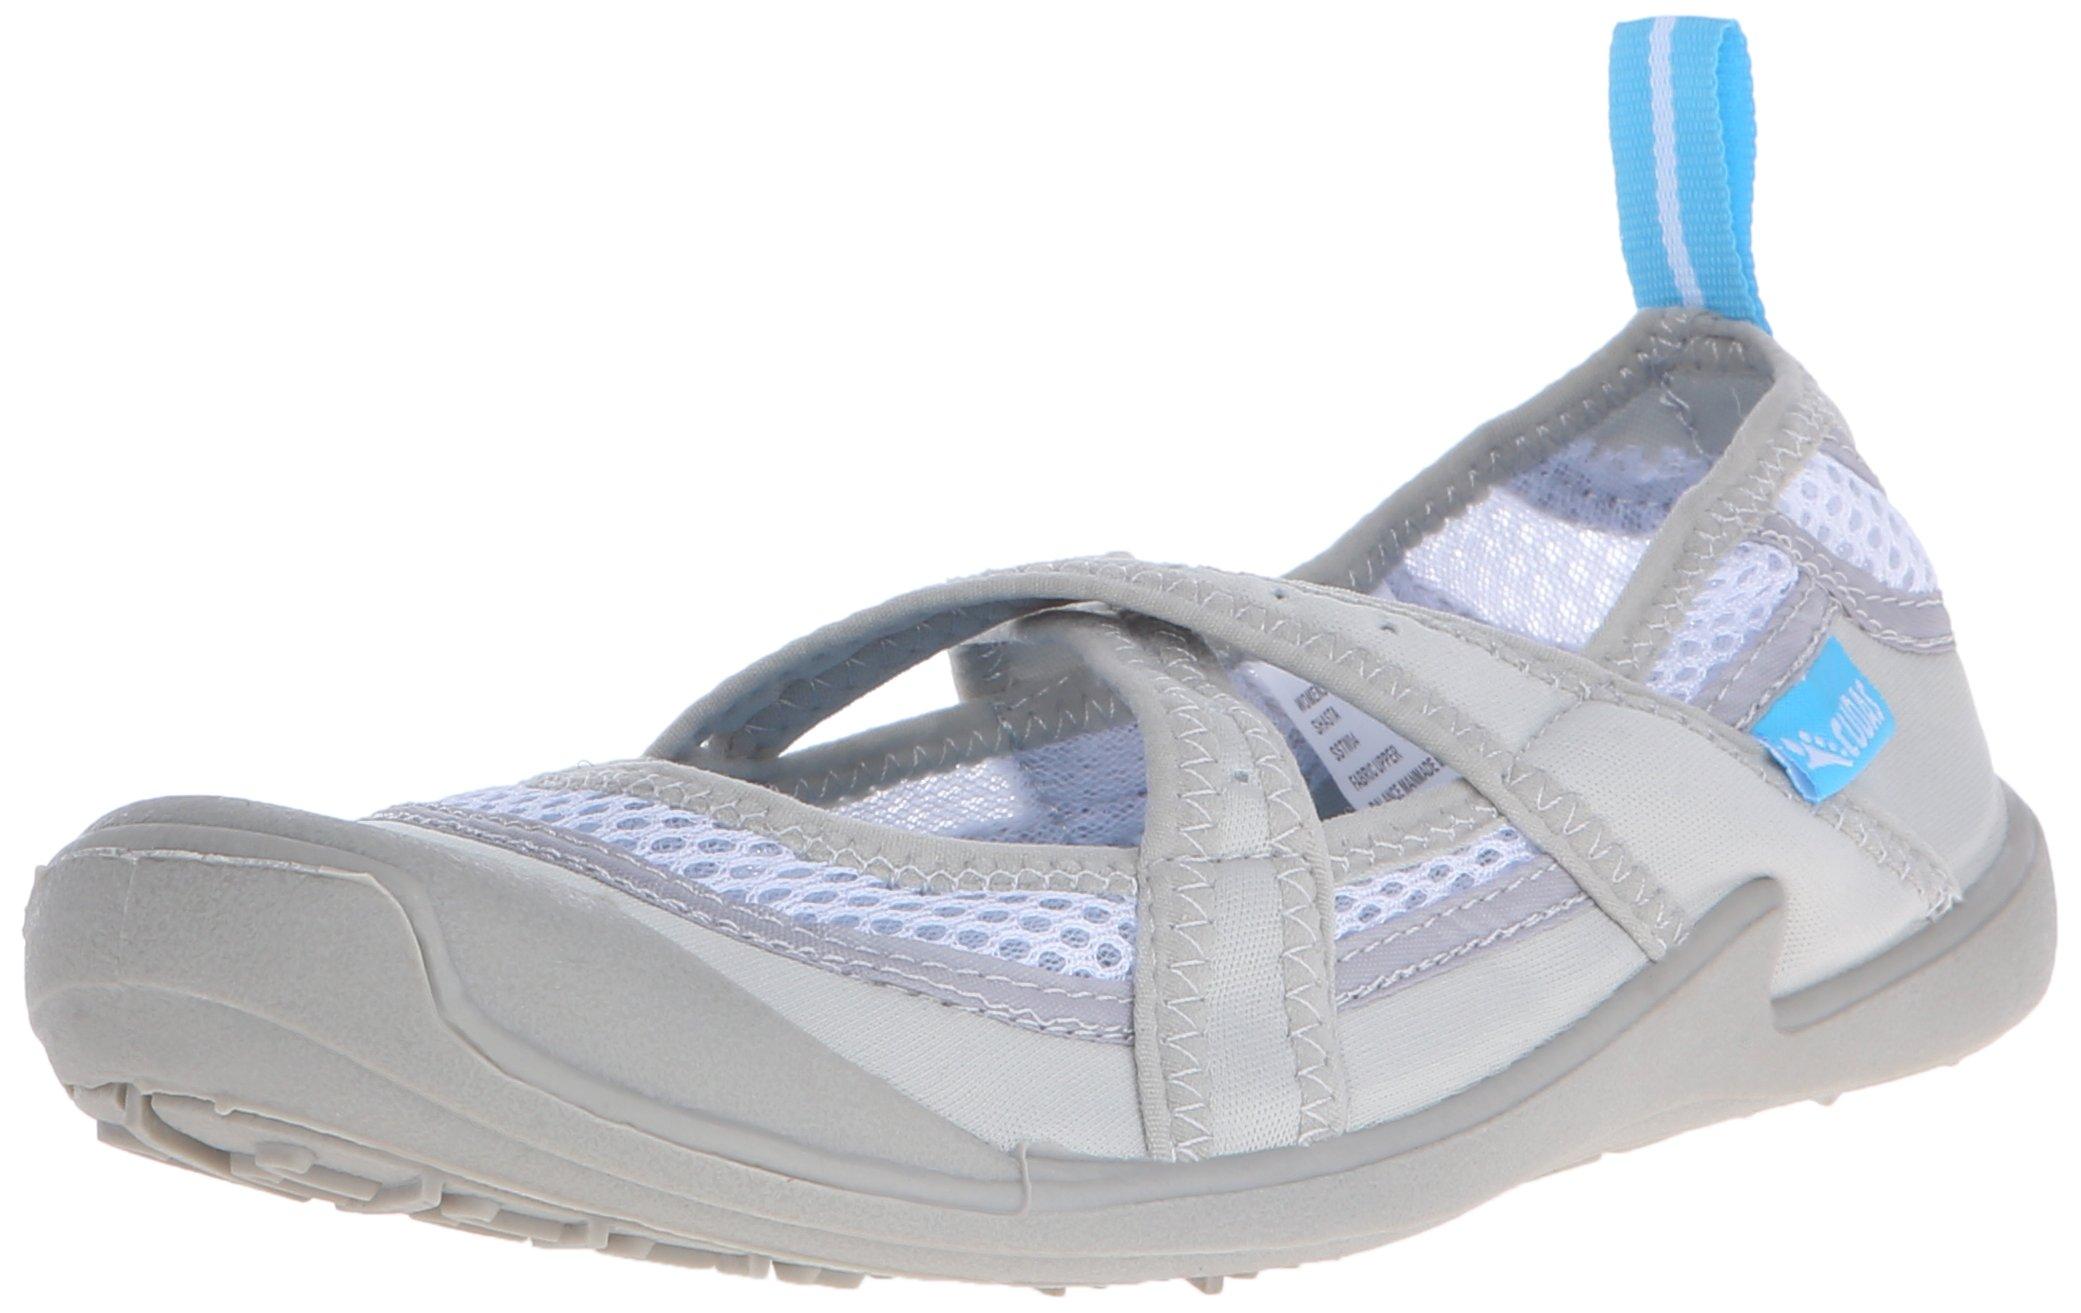 Cudas Women's Shasta Water Shoe, Silver, 9 M US